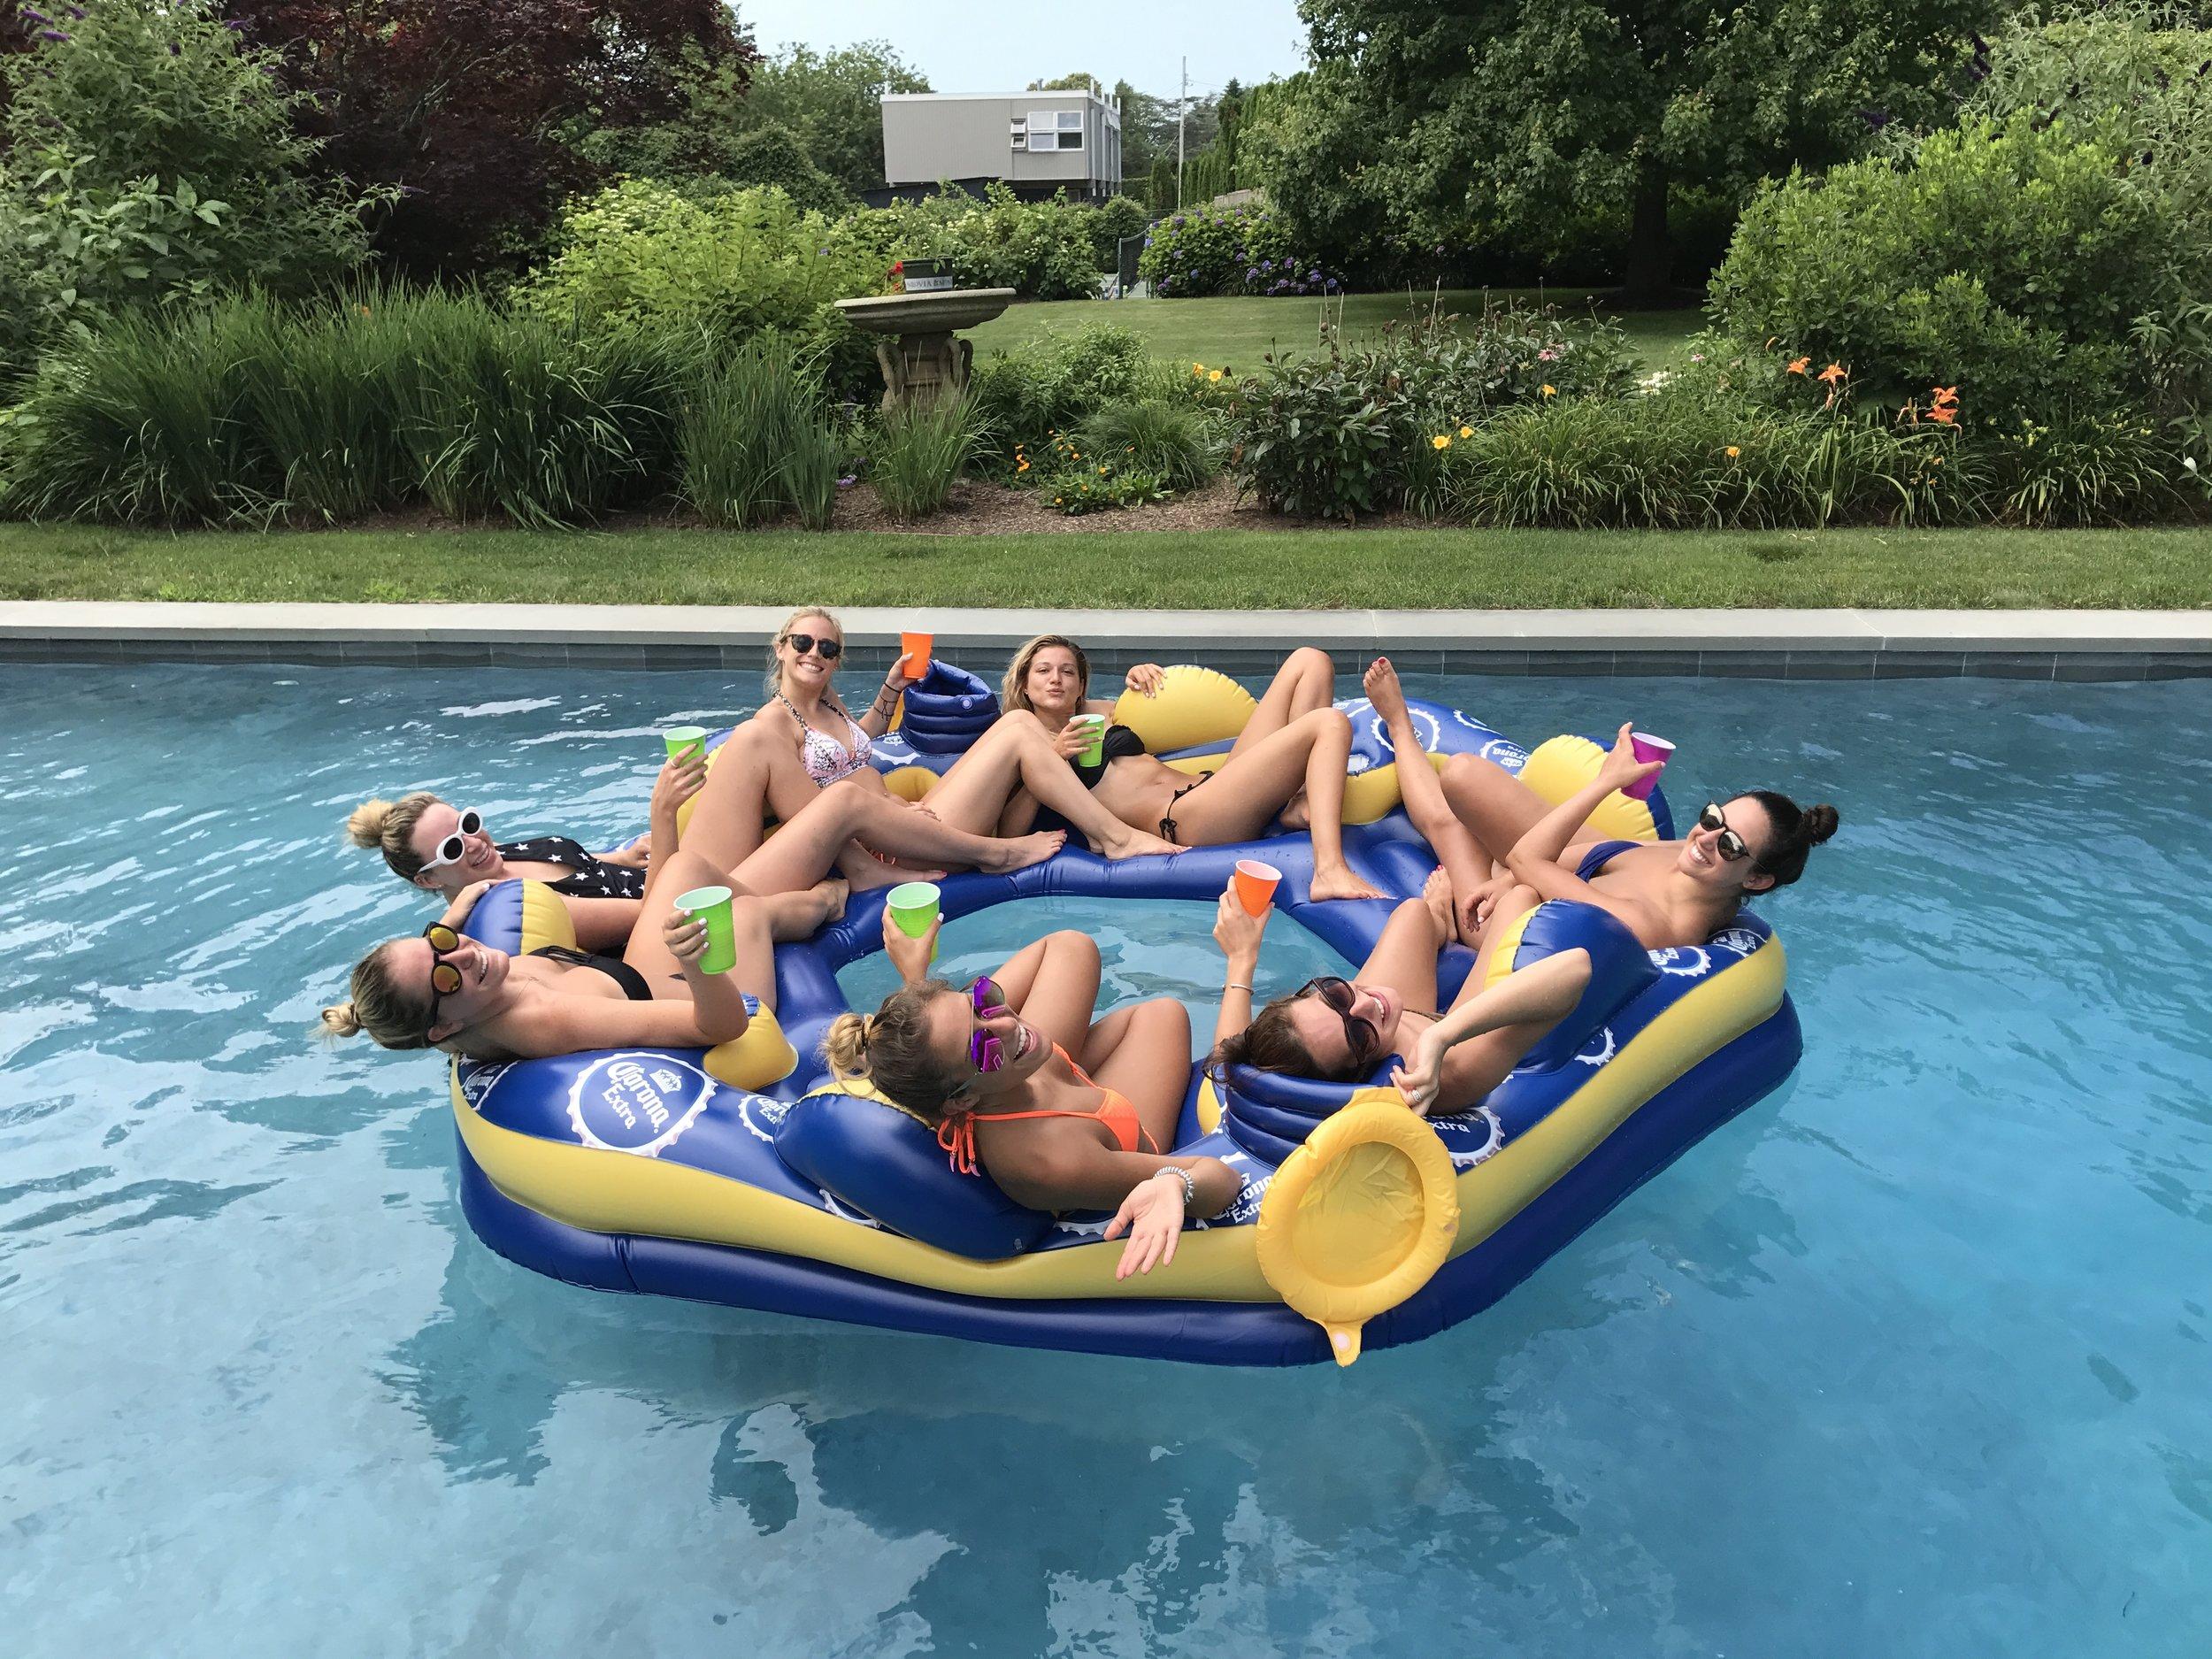 JLG Corona Summer Fun Pool Float